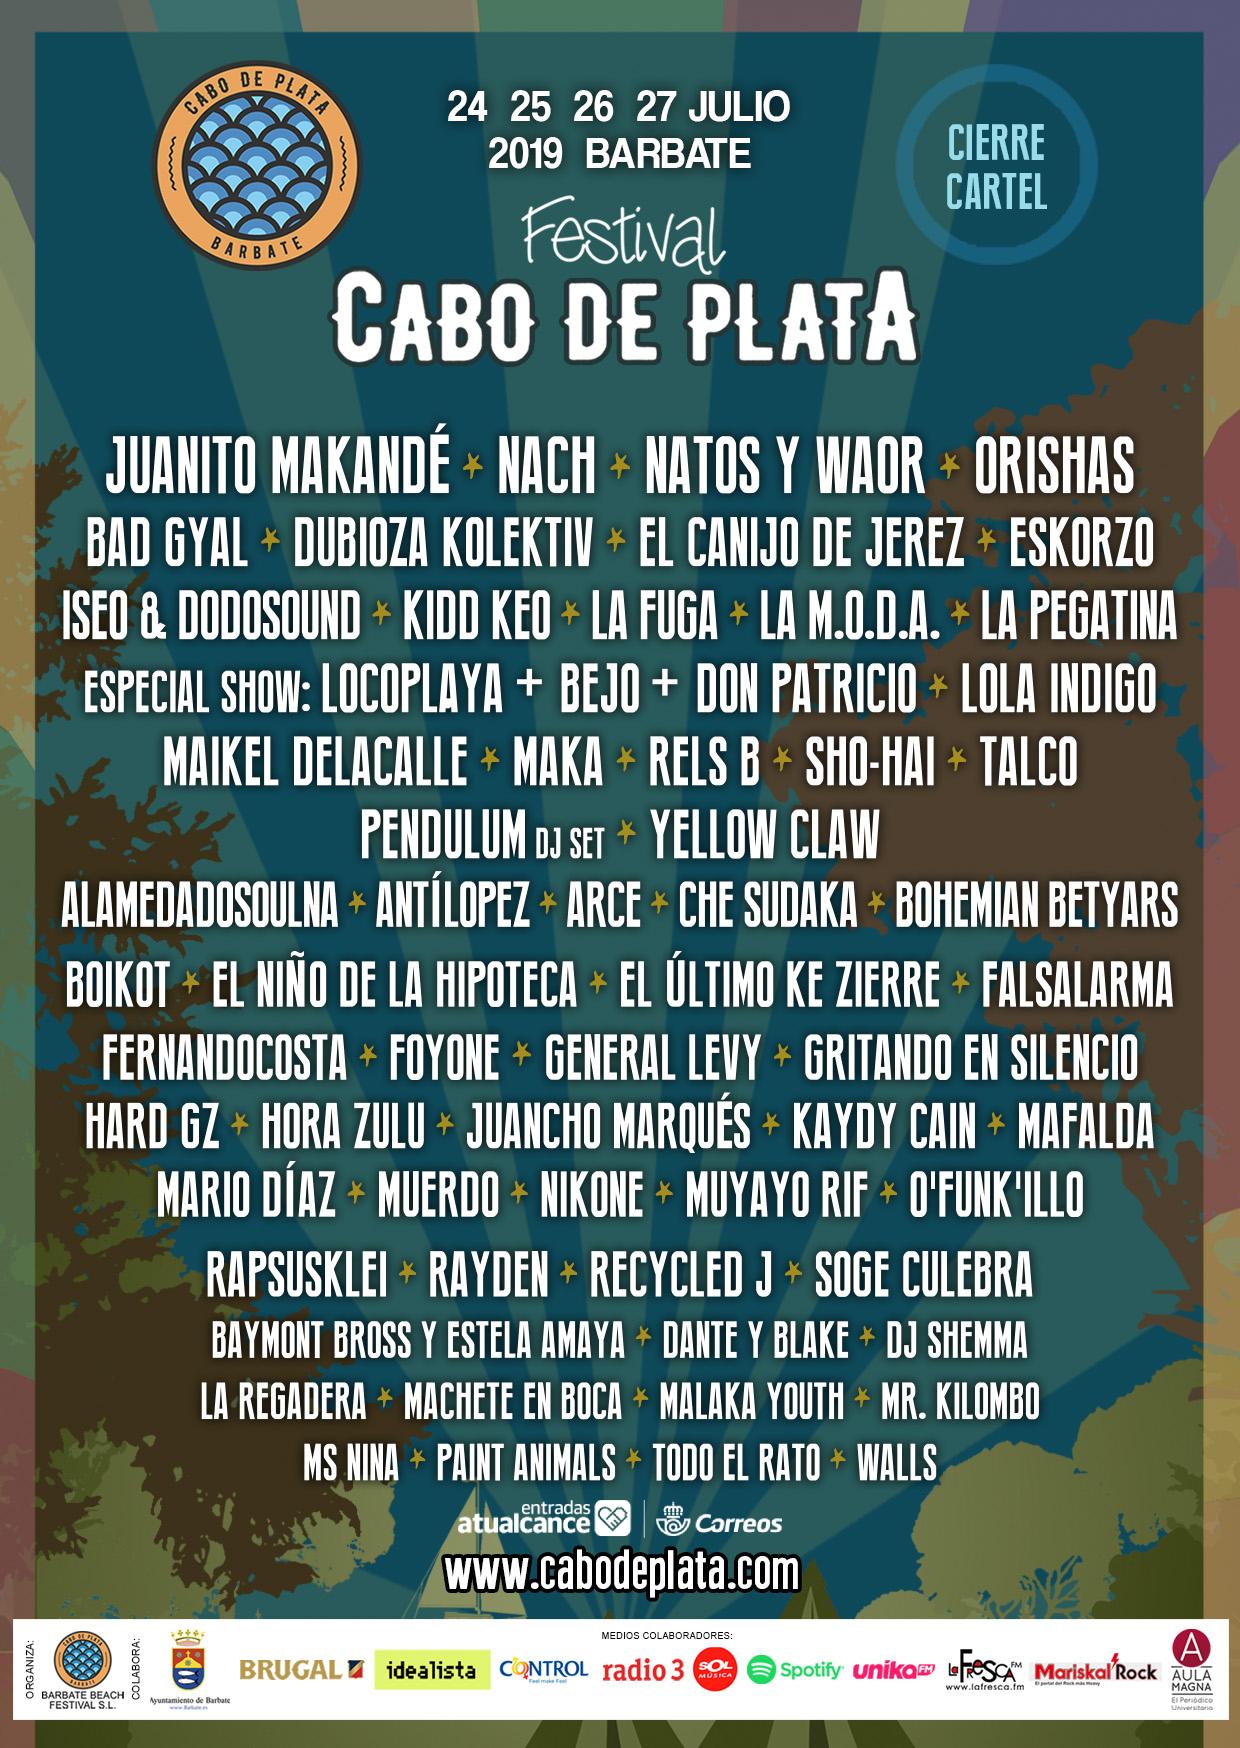 festival-cabo-de-plata-2019-5cdbf0bfb8ba